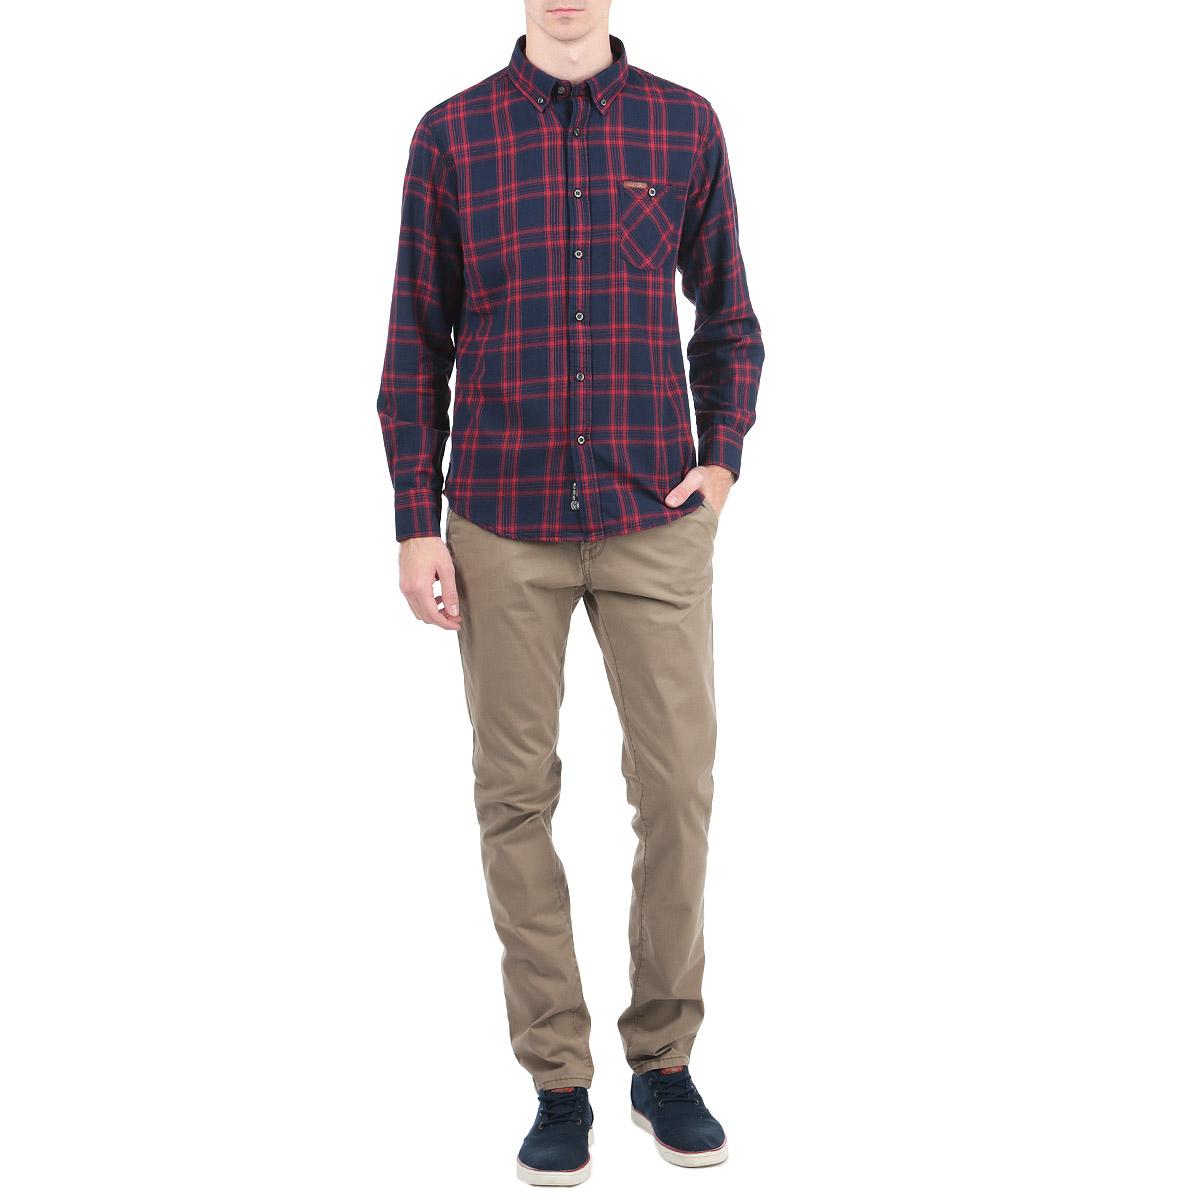 Рубашка10153057_388Стильная рубашка Broadway с длинными рукавами, отложным воротником и застежкой на пуговицы приятная на ощупь, не сковывает движения, обеспечивая наибольший комфорт. Рубашка, выполненная из хлопка, обладает высокой воздухопроницаемостью и гигроскопичностью, позволяет коже дышать, тем самым обеспечивая наибольший комфорт при носке даже самым жарким летом. Модель оформлена ярким клетчатым принтом и накладным карман, застегивающимся на пуговицу. Эта модная и удобная рубашка послужит замечательным дополнением к вашему гардеробу.